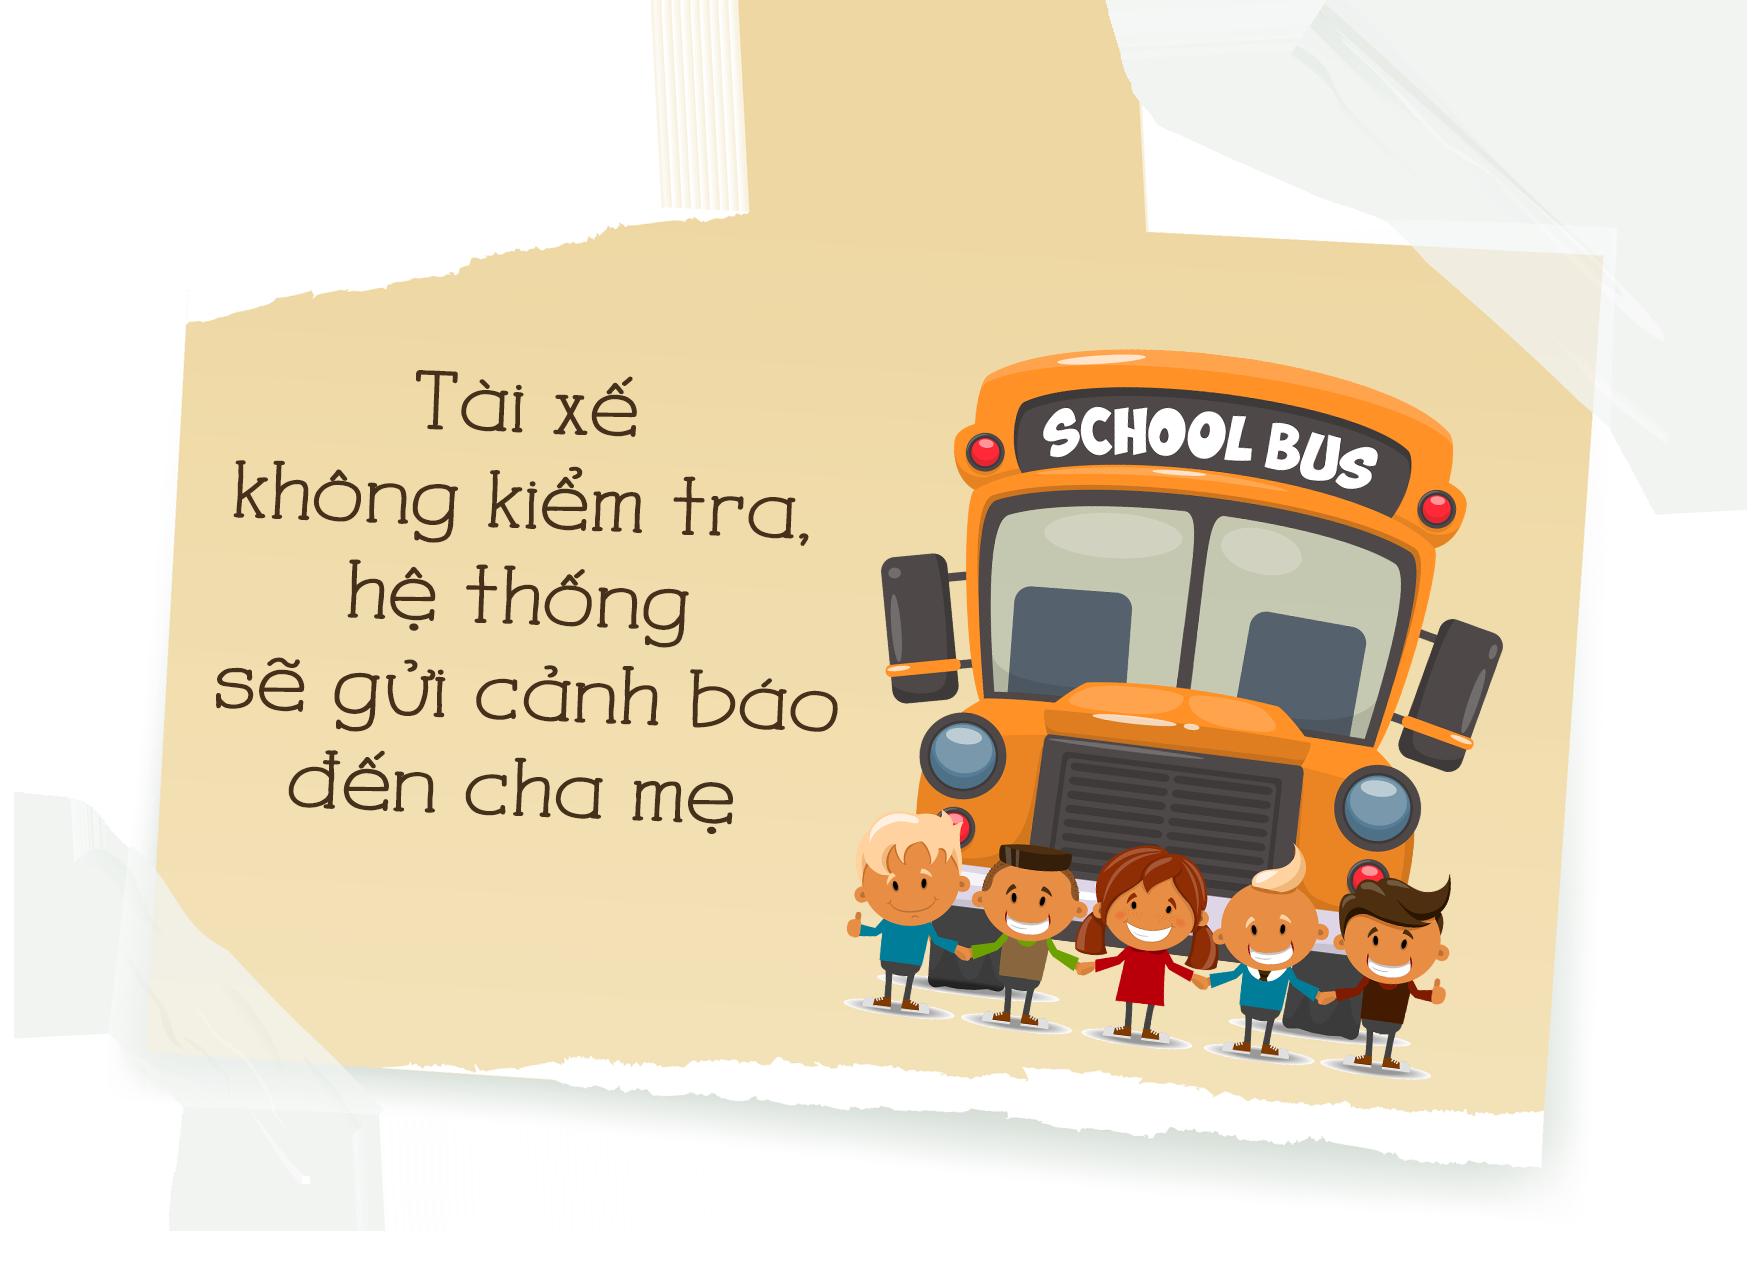 [E] Các quy định về xe đưa đón học sinh trên thế giới: Phương tiện ưu tiên quốc gia  - Ảnh 7